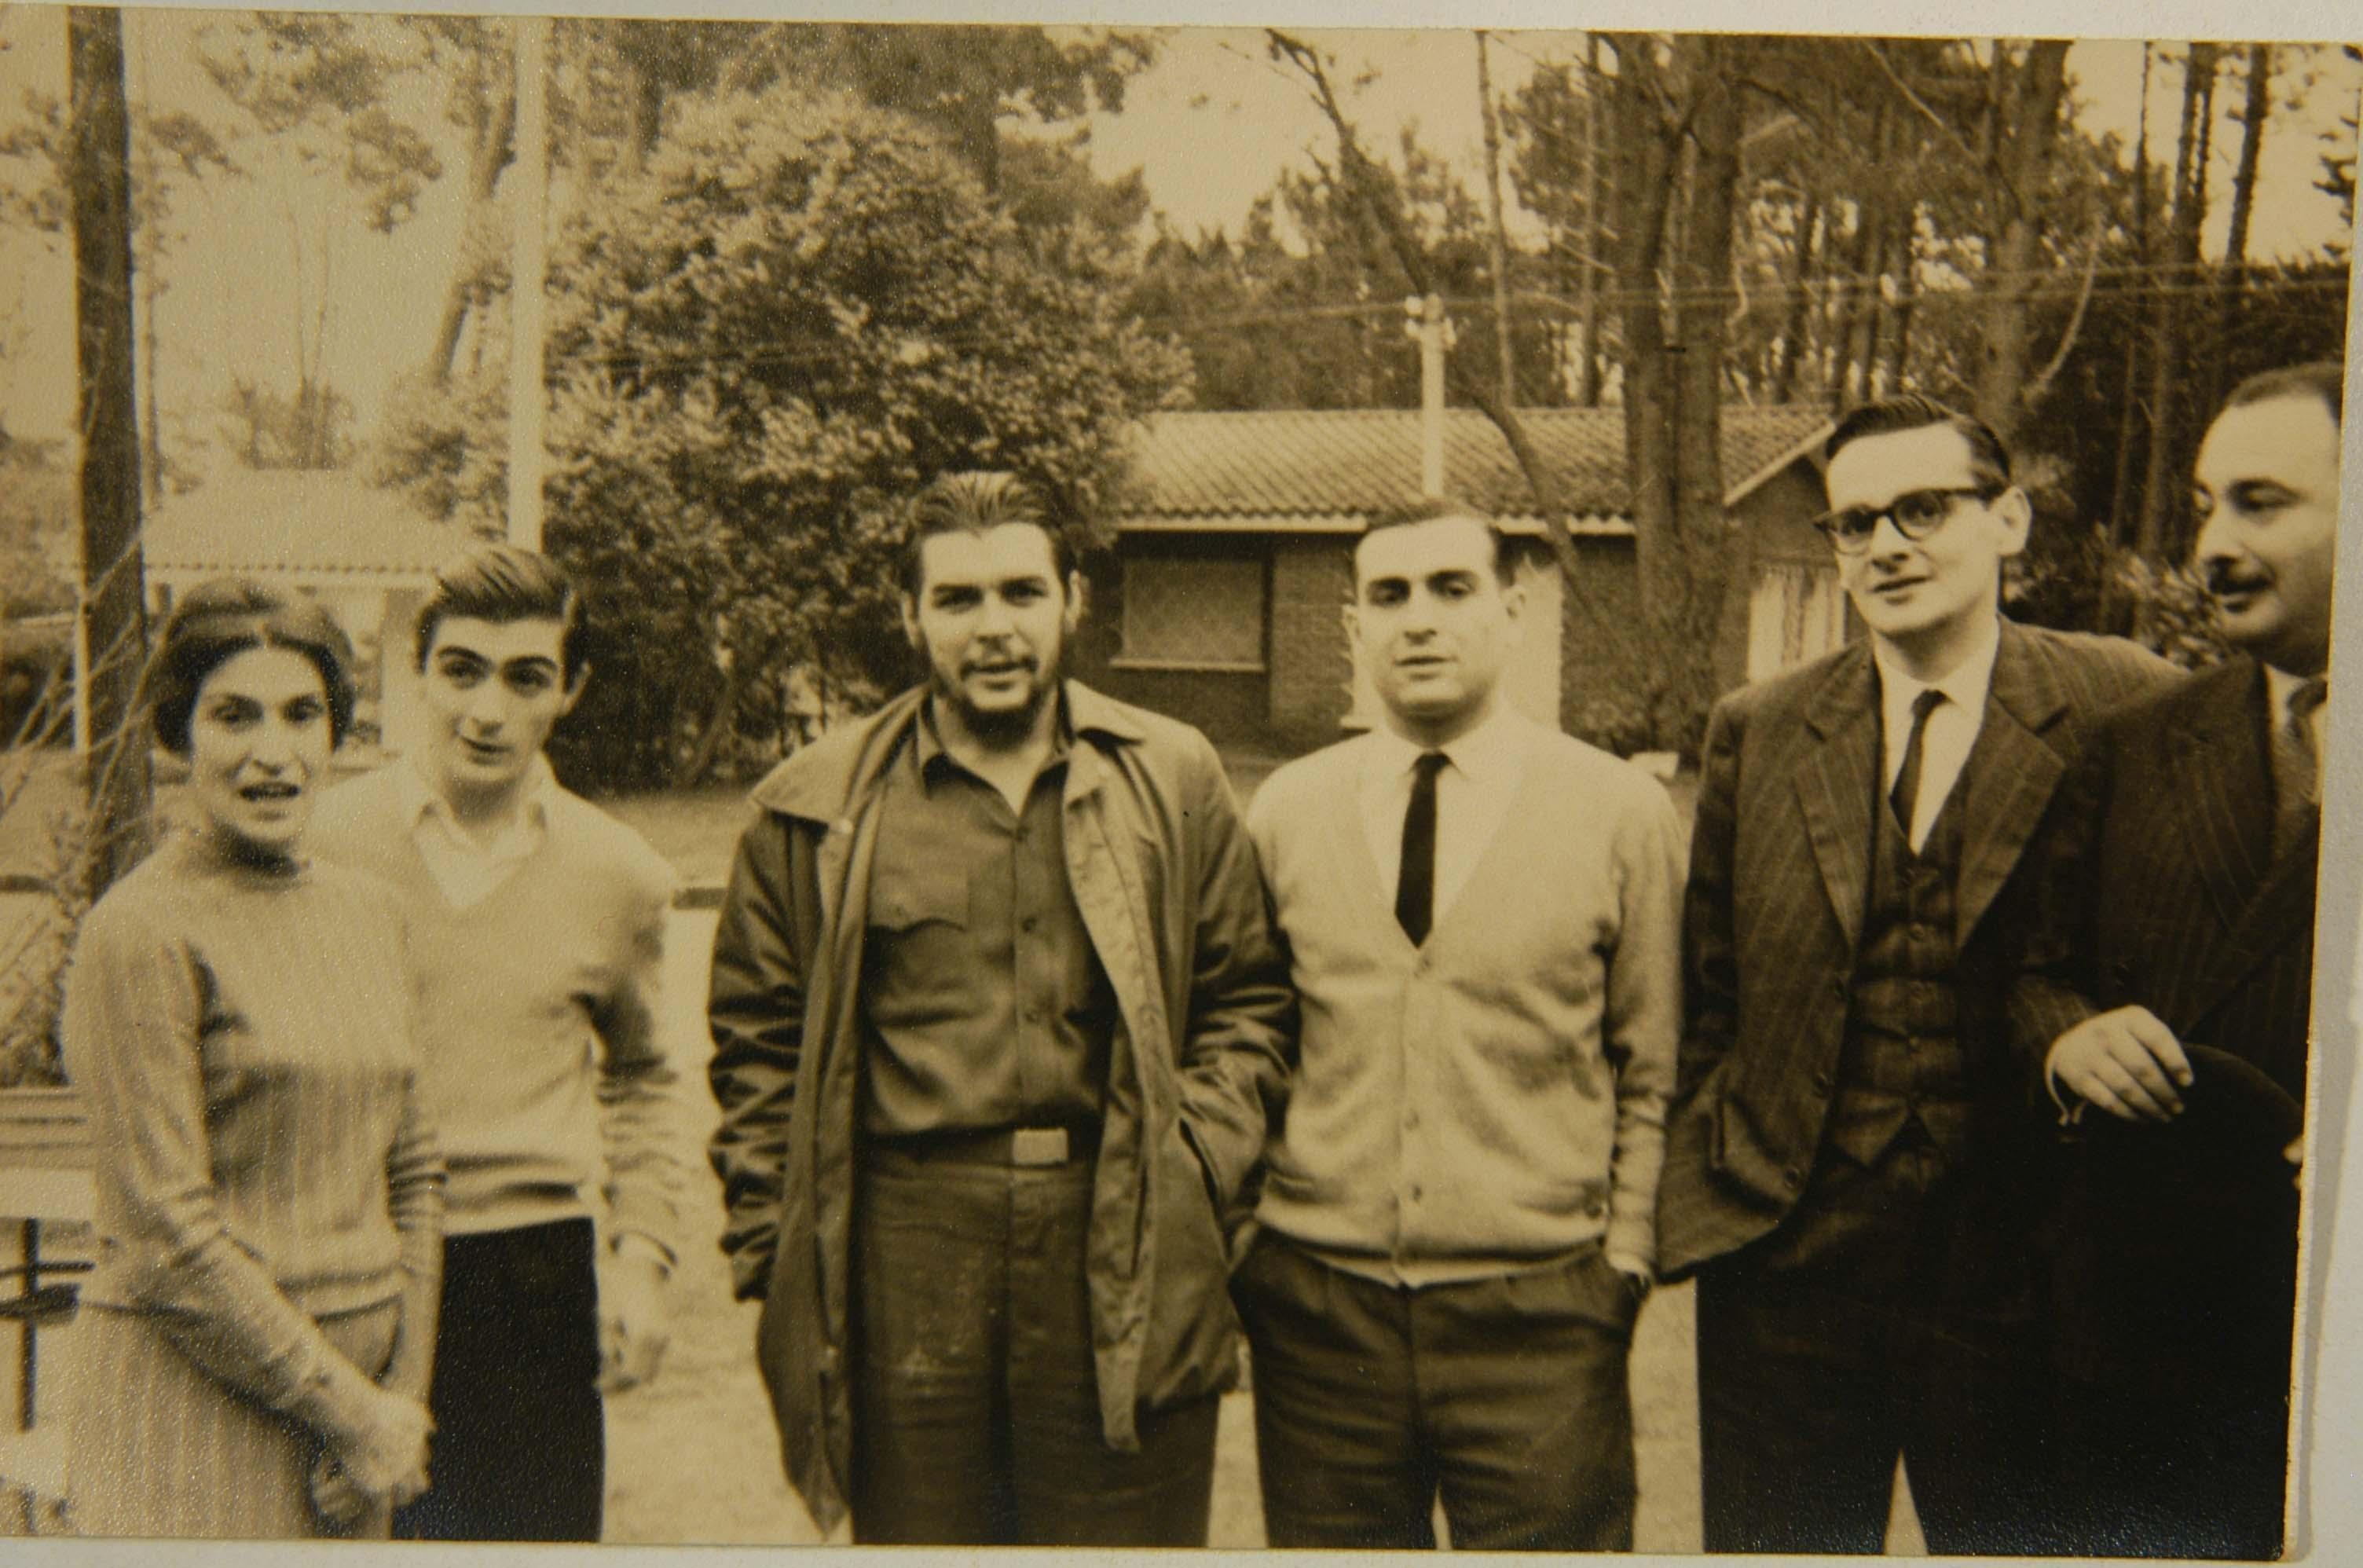 Da esquerda para direita: Celia Guevara, mãe de Che. Juan Martín Guevara (irmão). Ernesto Guevara. Roberto Guevara (irmão). Julio César Castro, jornalista e Carlos Figueroa, amigo da família. Punta del Este, Uruguai.